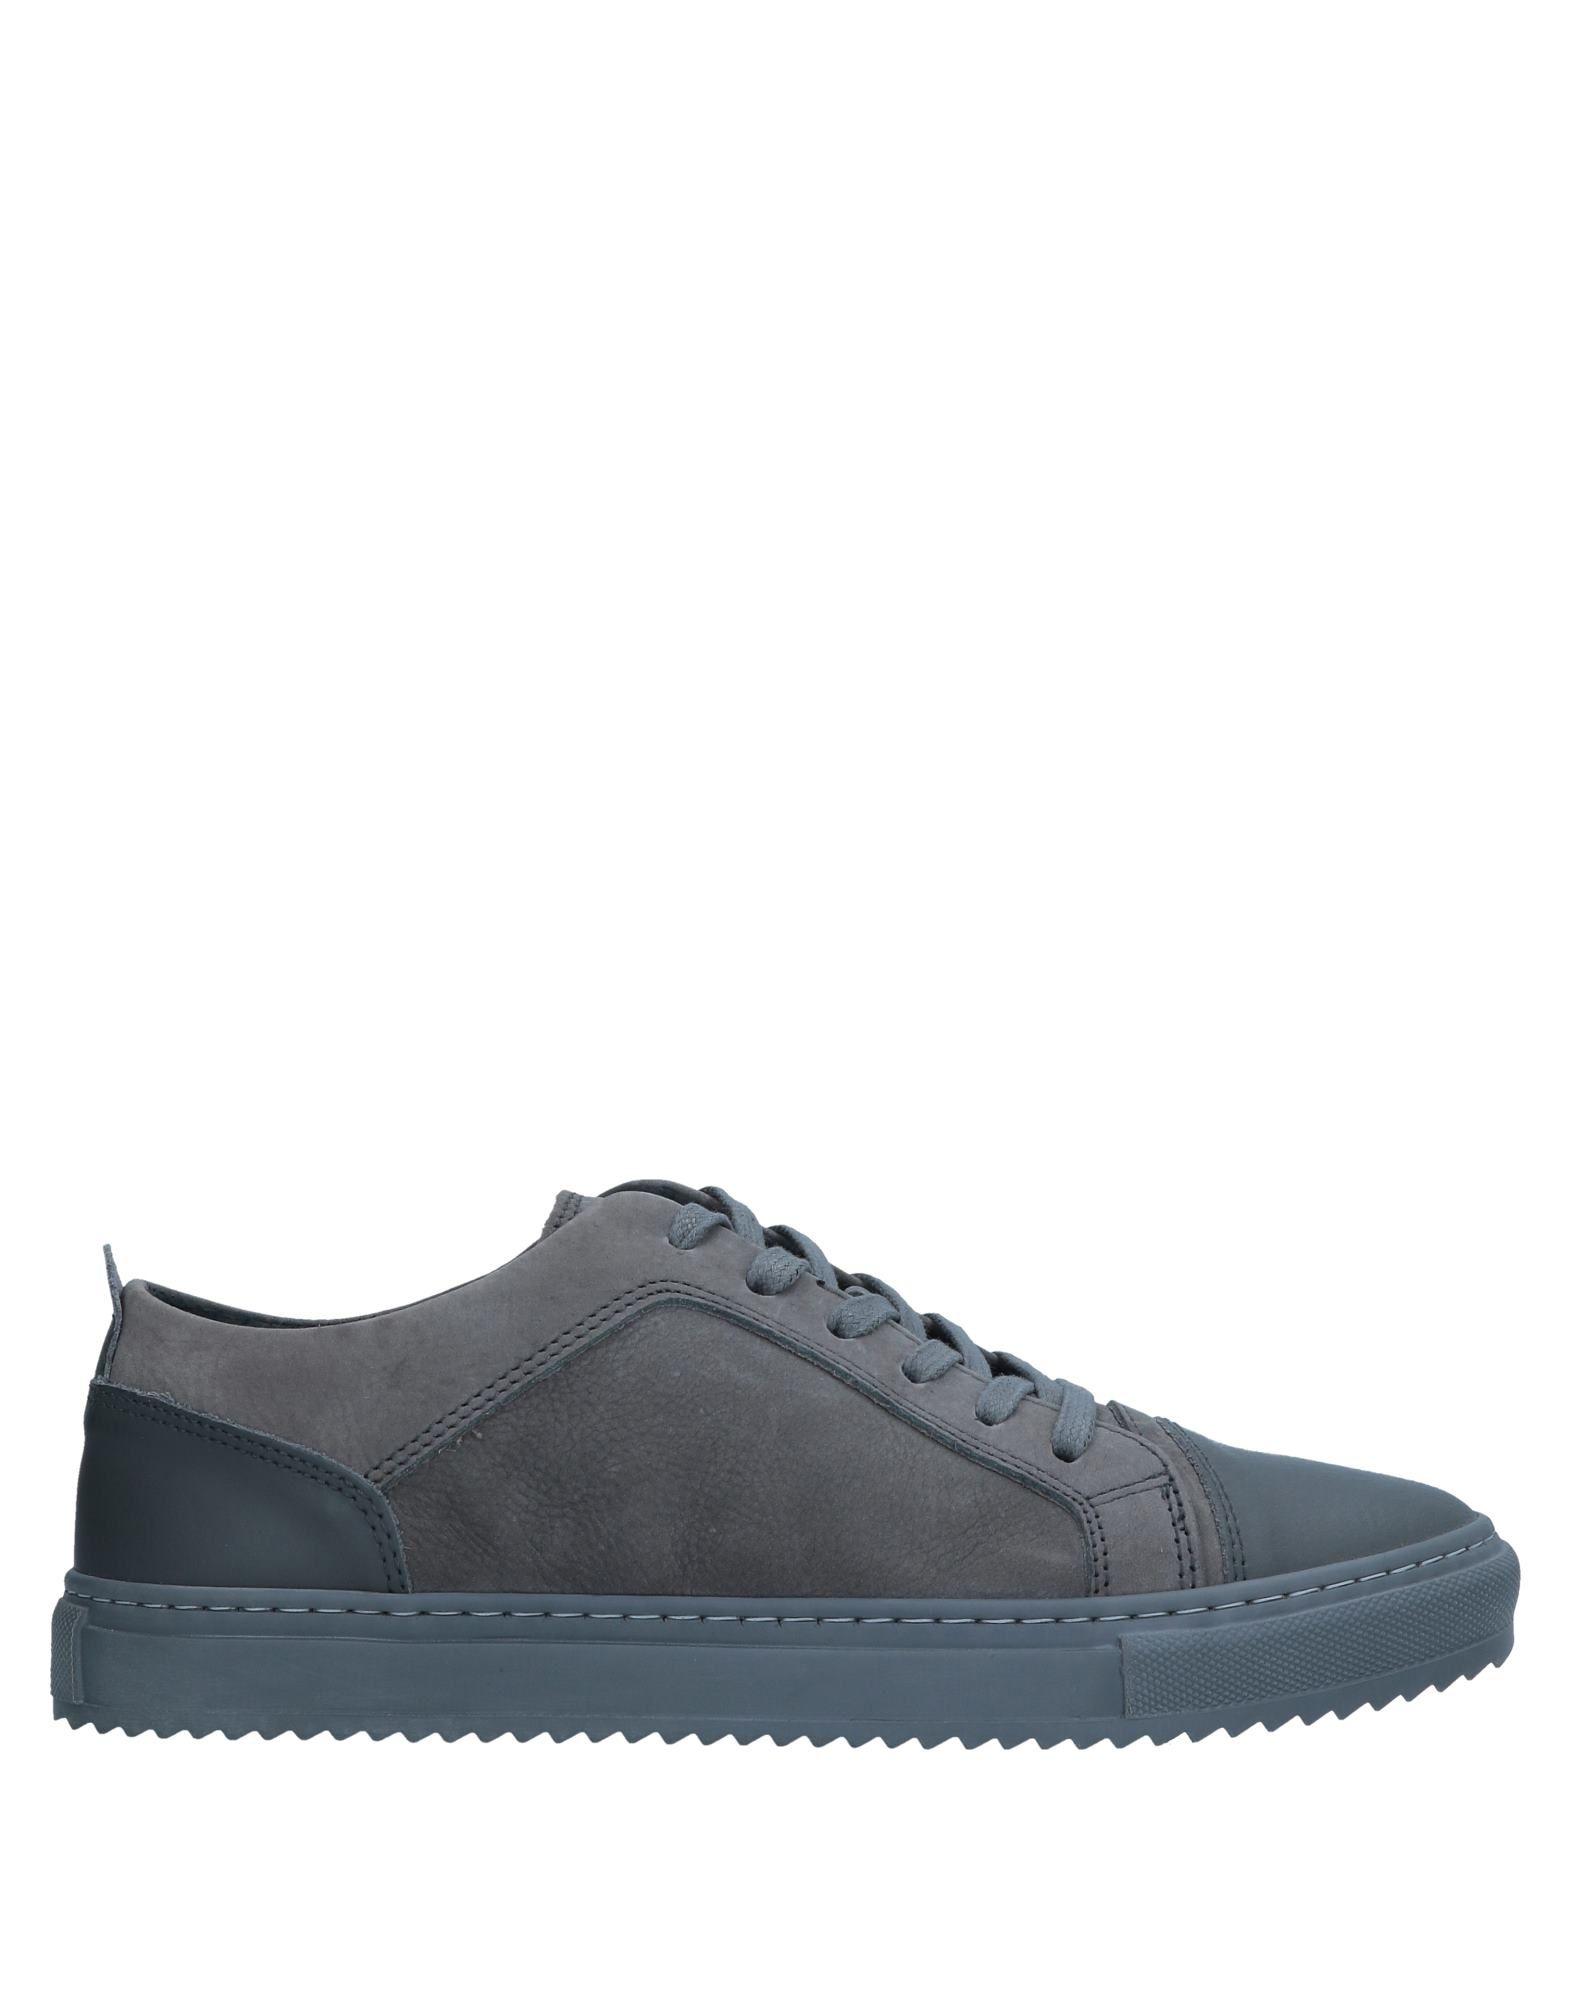 Rabatt Morato echte Schuhe Antony Morato Rabatt Sneakers Herren  11545842IM 92556f